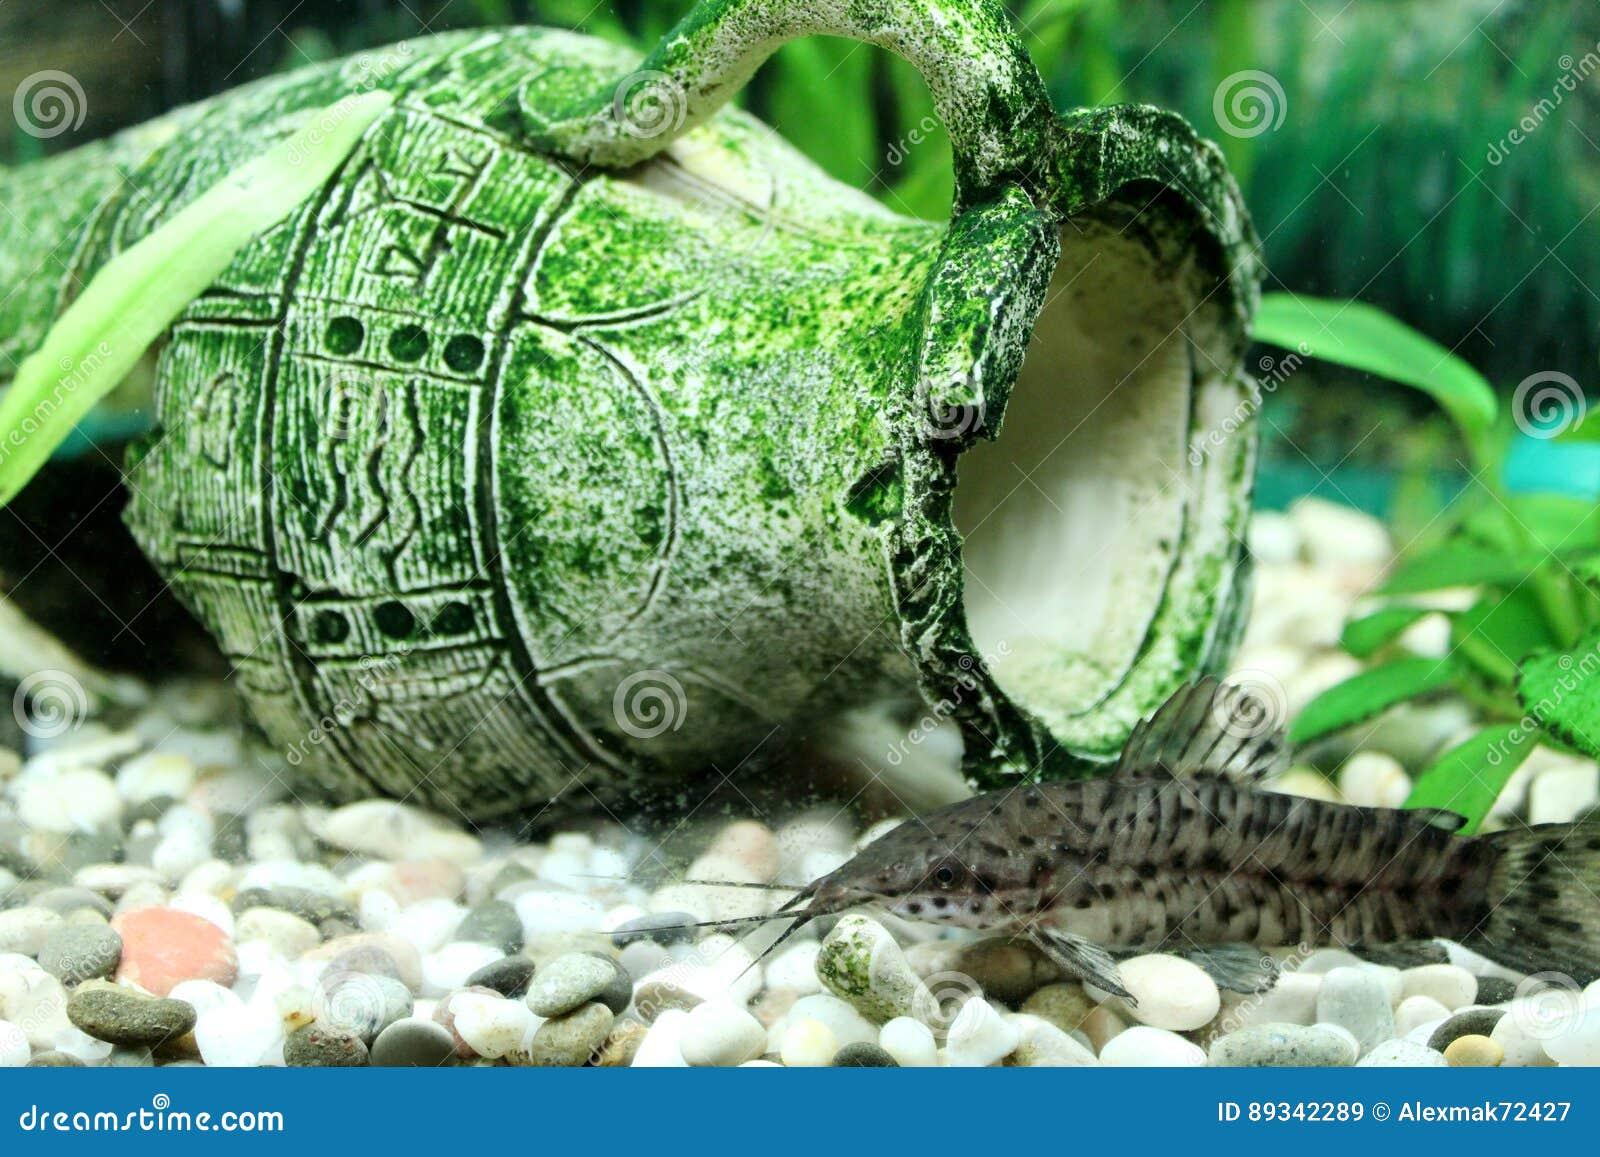 Hoplosternum thoracatum in aquarium